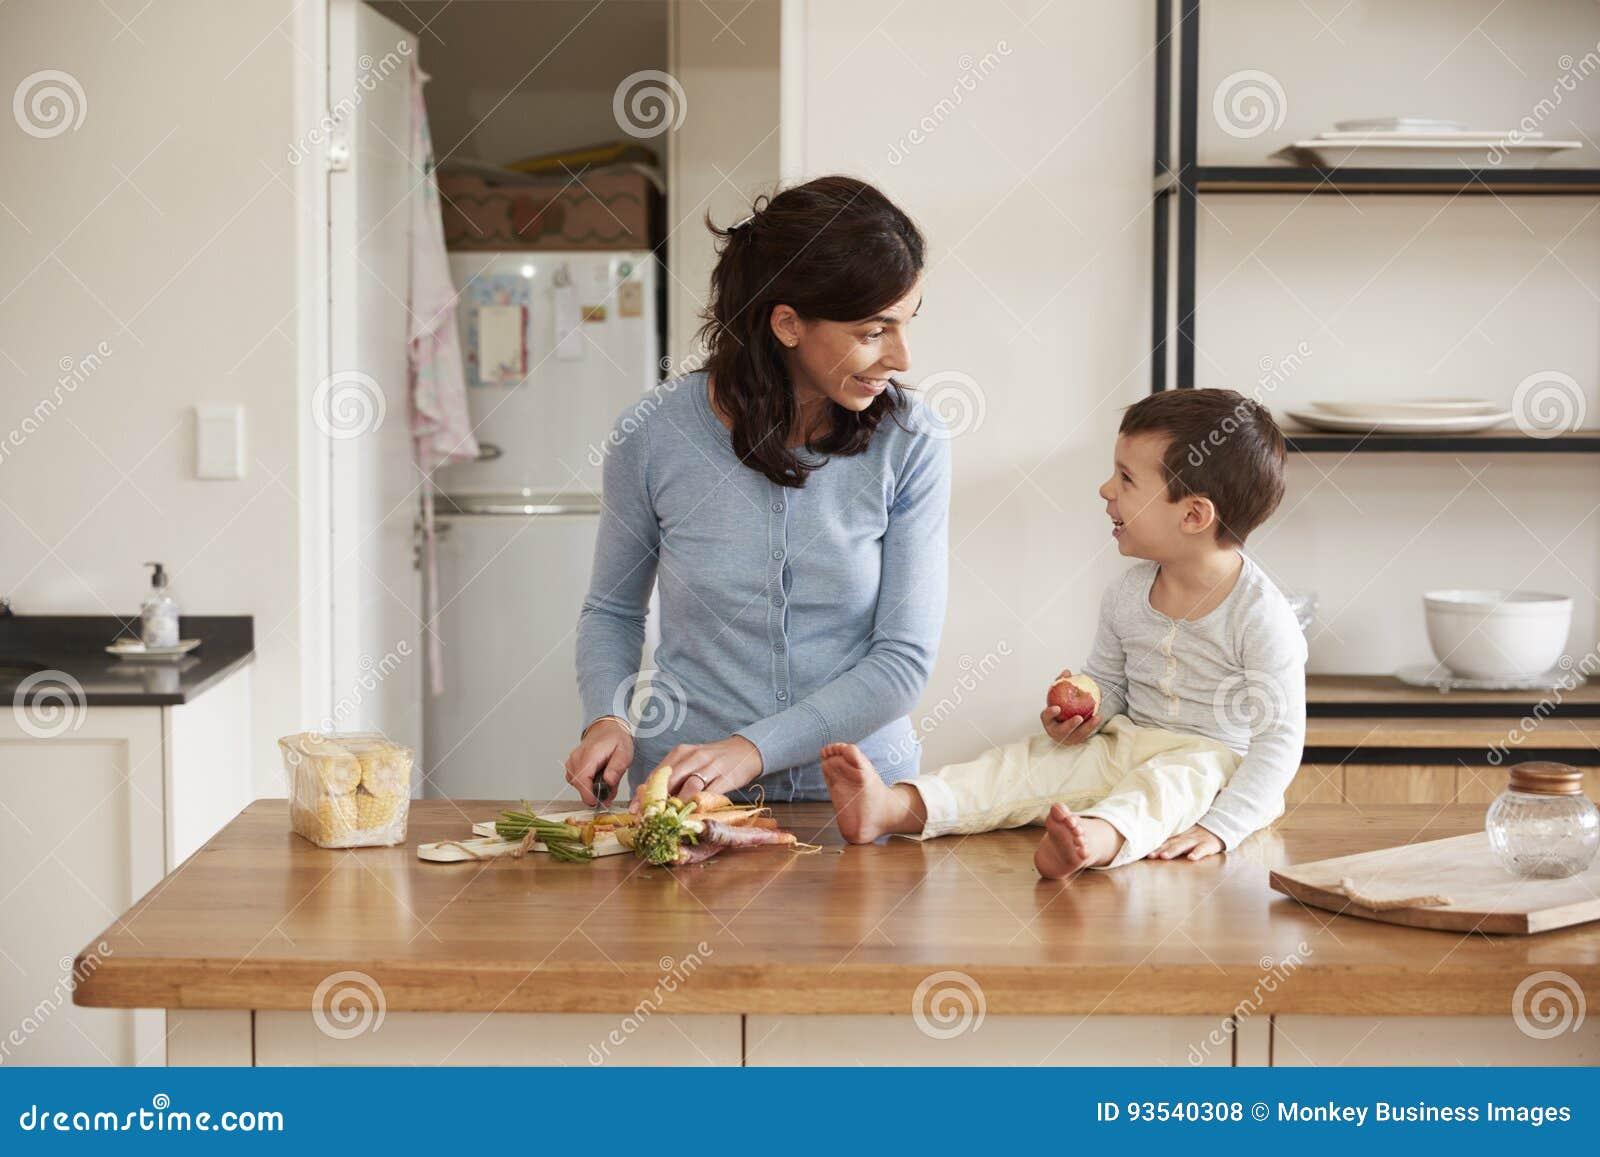 Zoon die Moeder helpen om Voedsel op Keukeneiland voor te bereiden